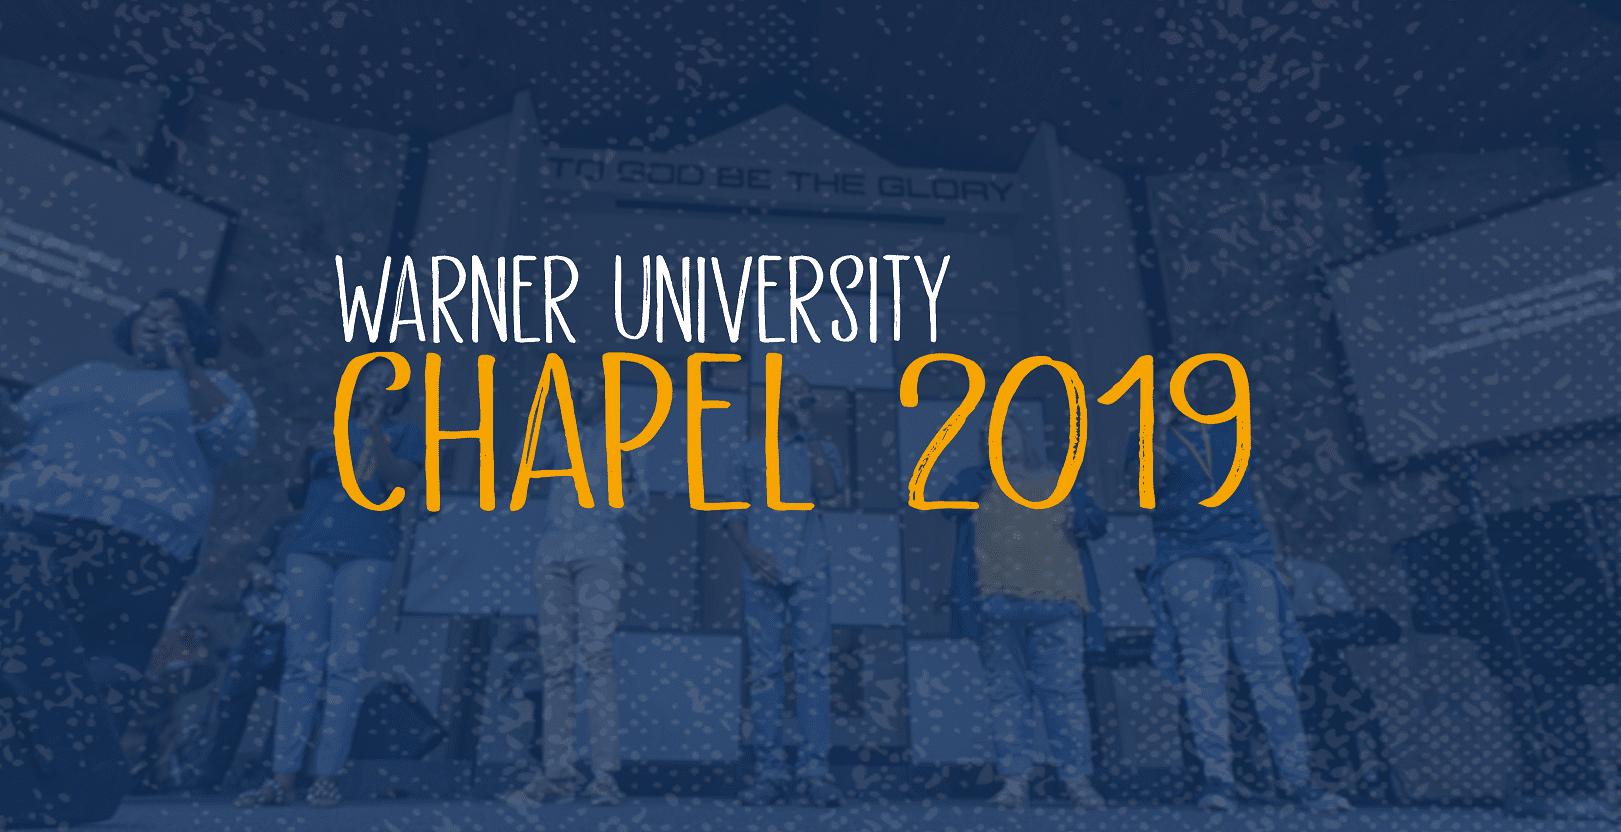 Chapel 2019 Spring Semester